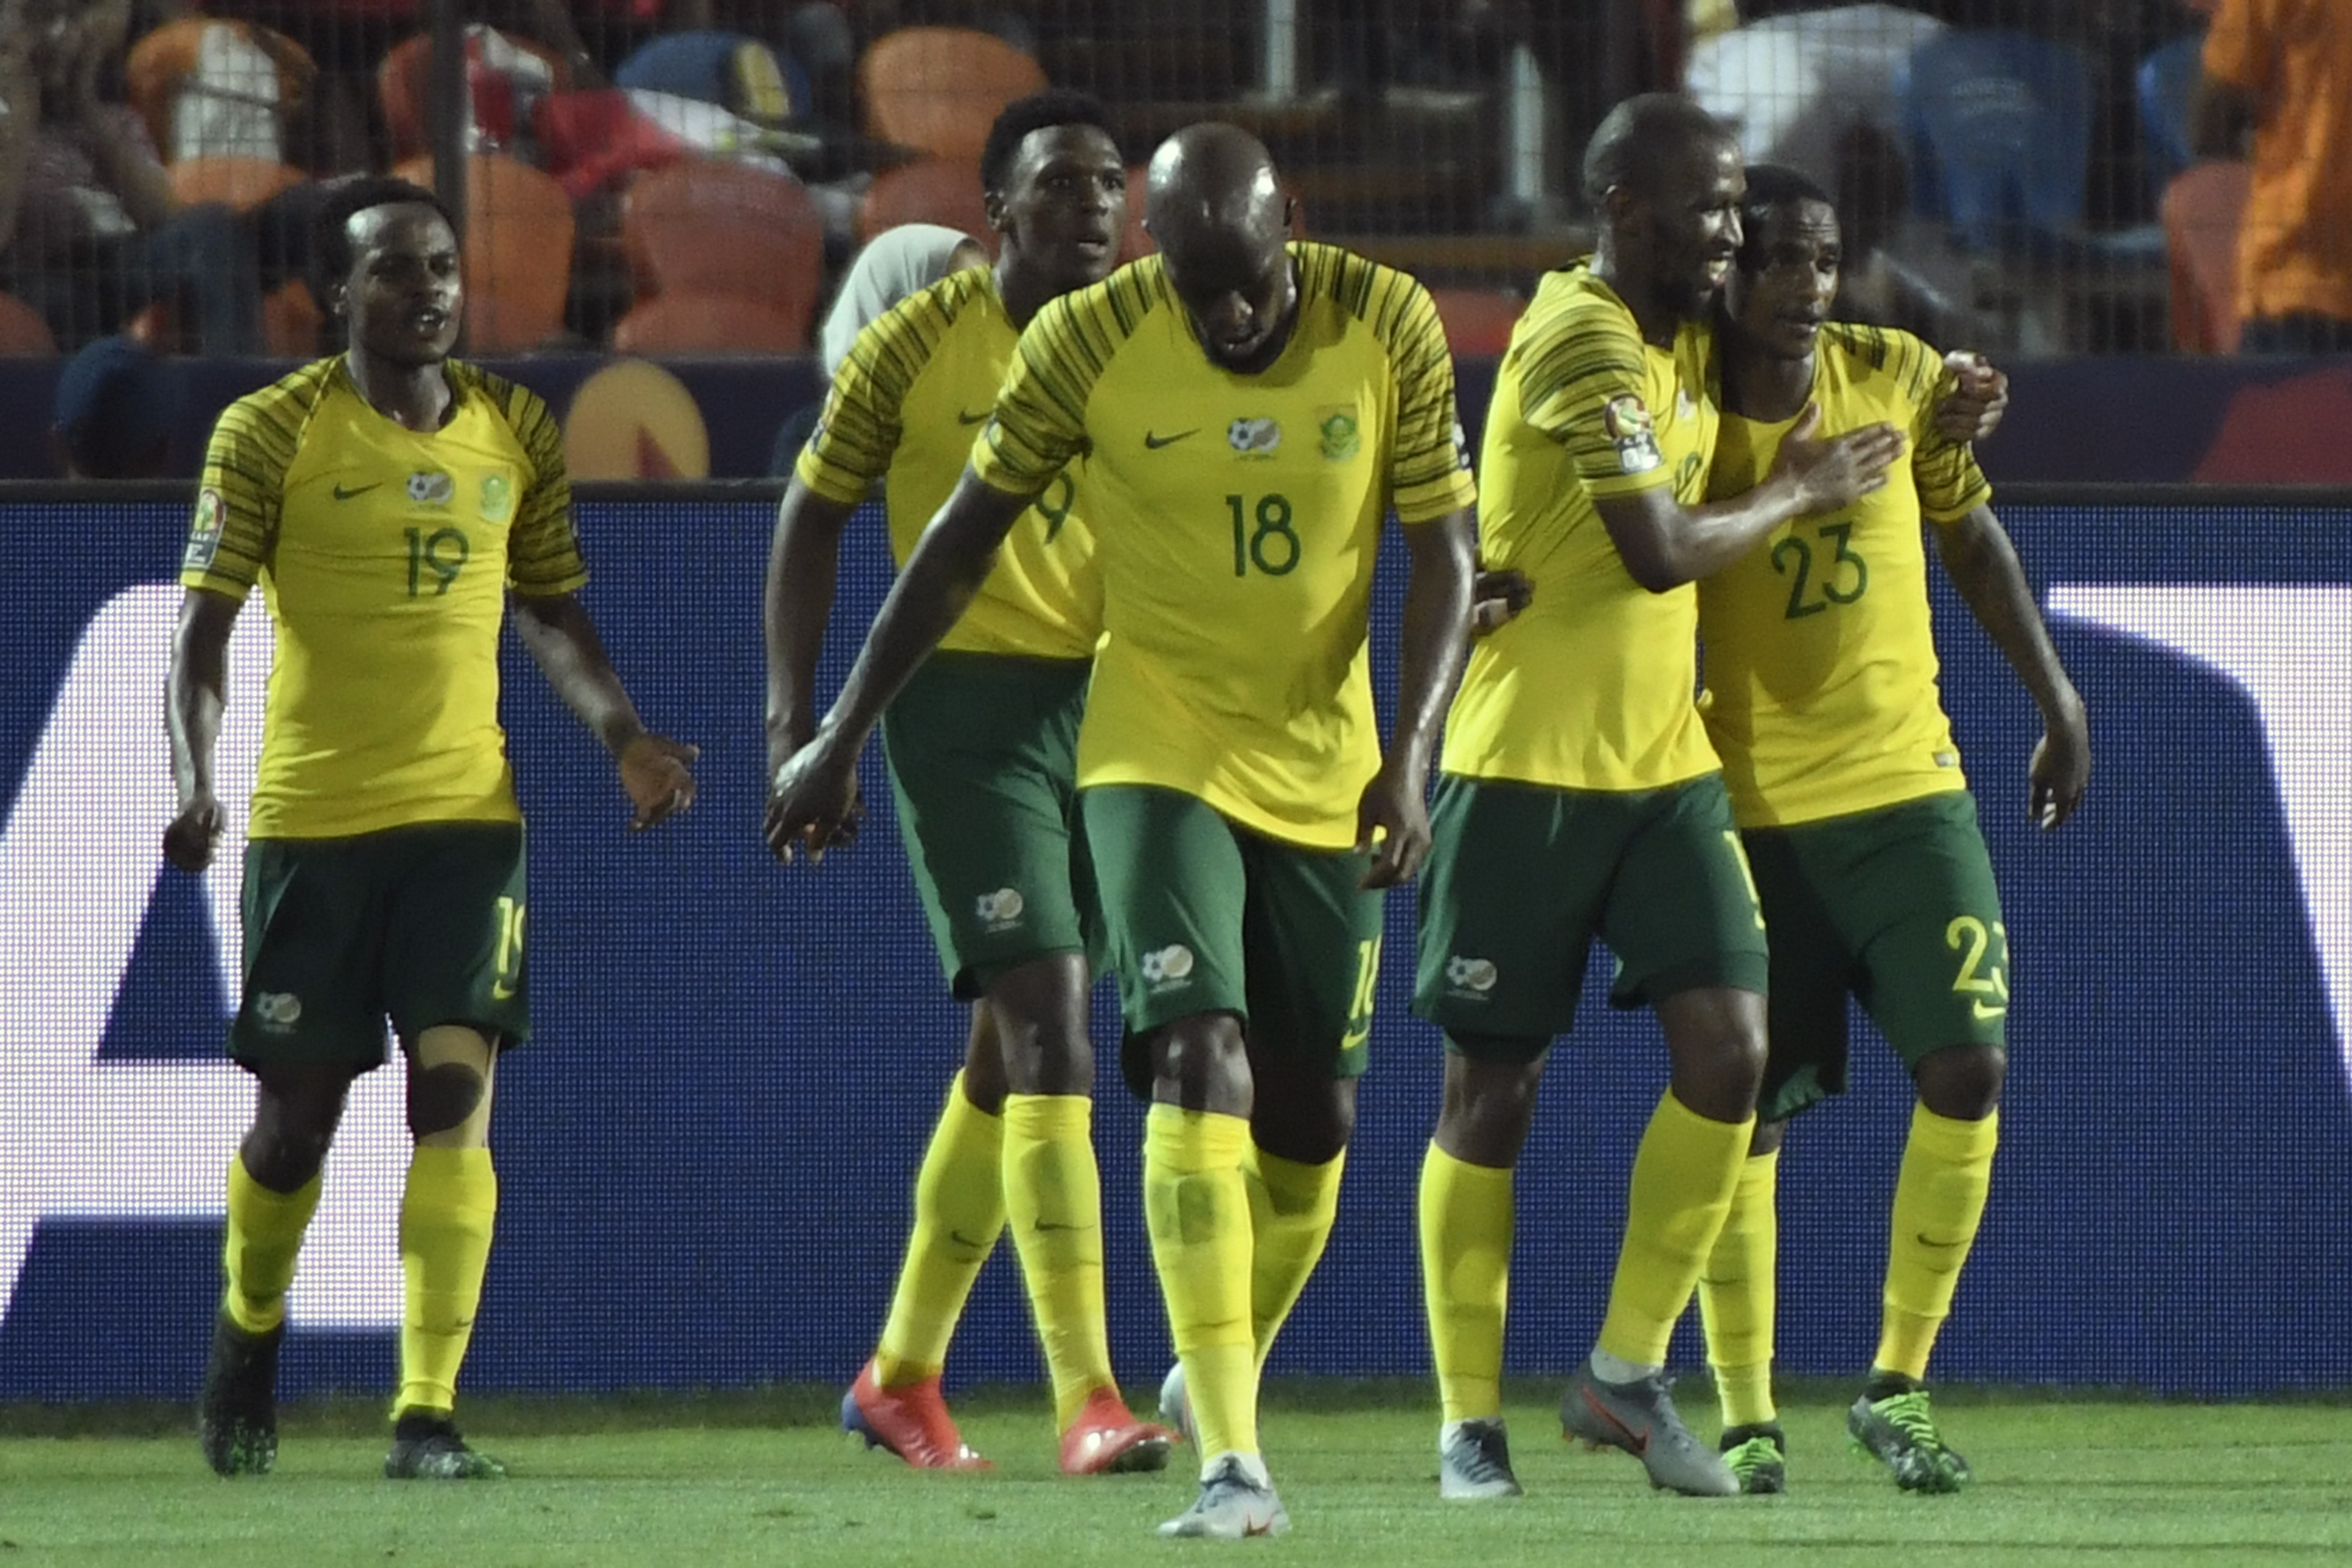 لاعبو جنوب أفريقيا يحتفلون بهدفهم ضد المنتخب المصري